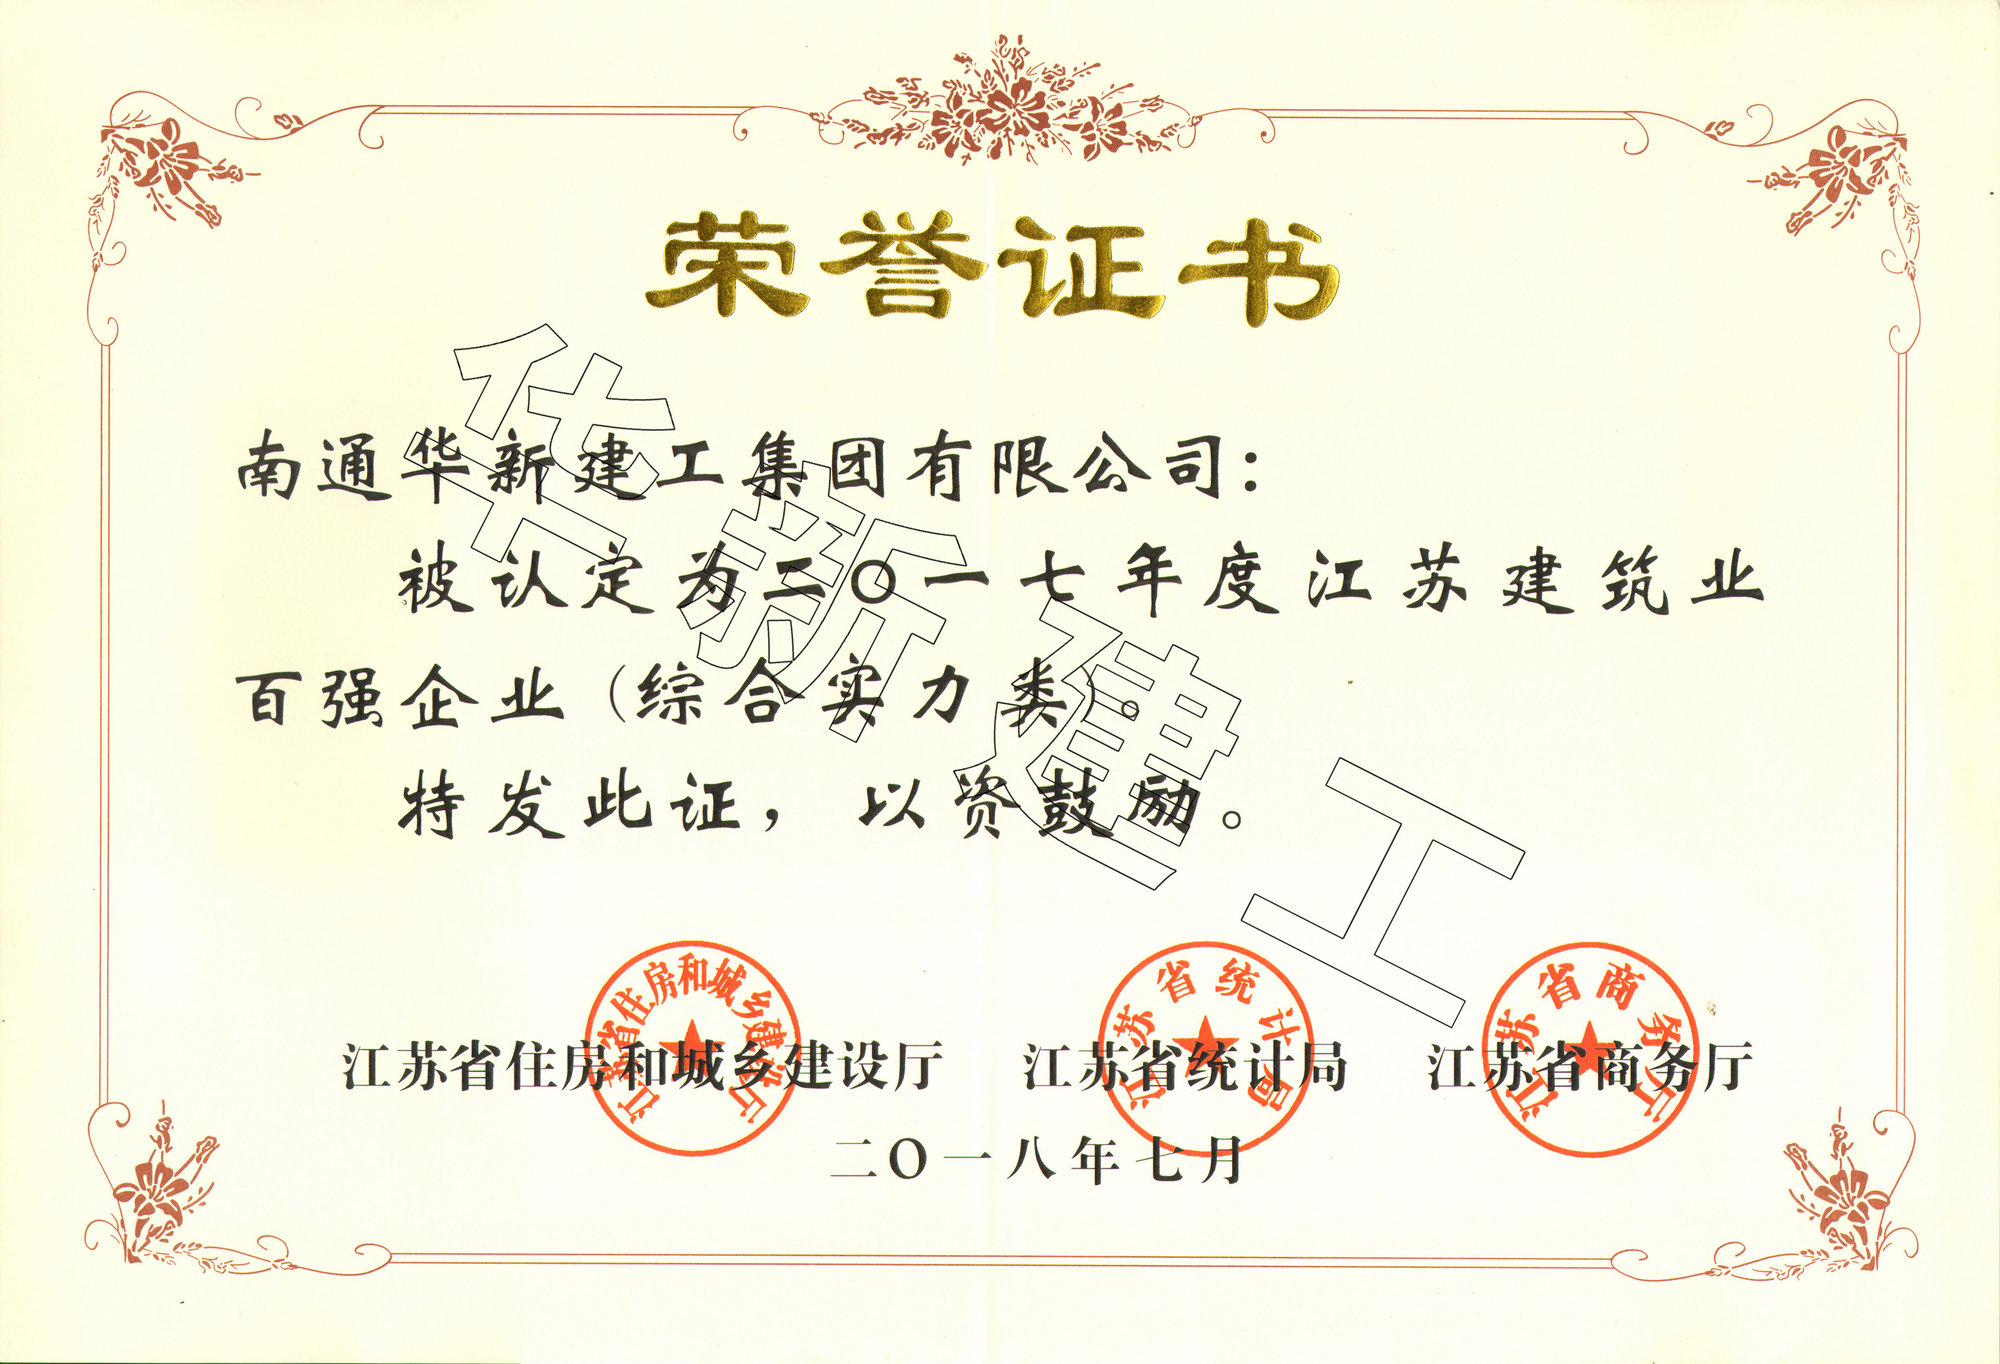 2017年度江苏建筑业百强企业